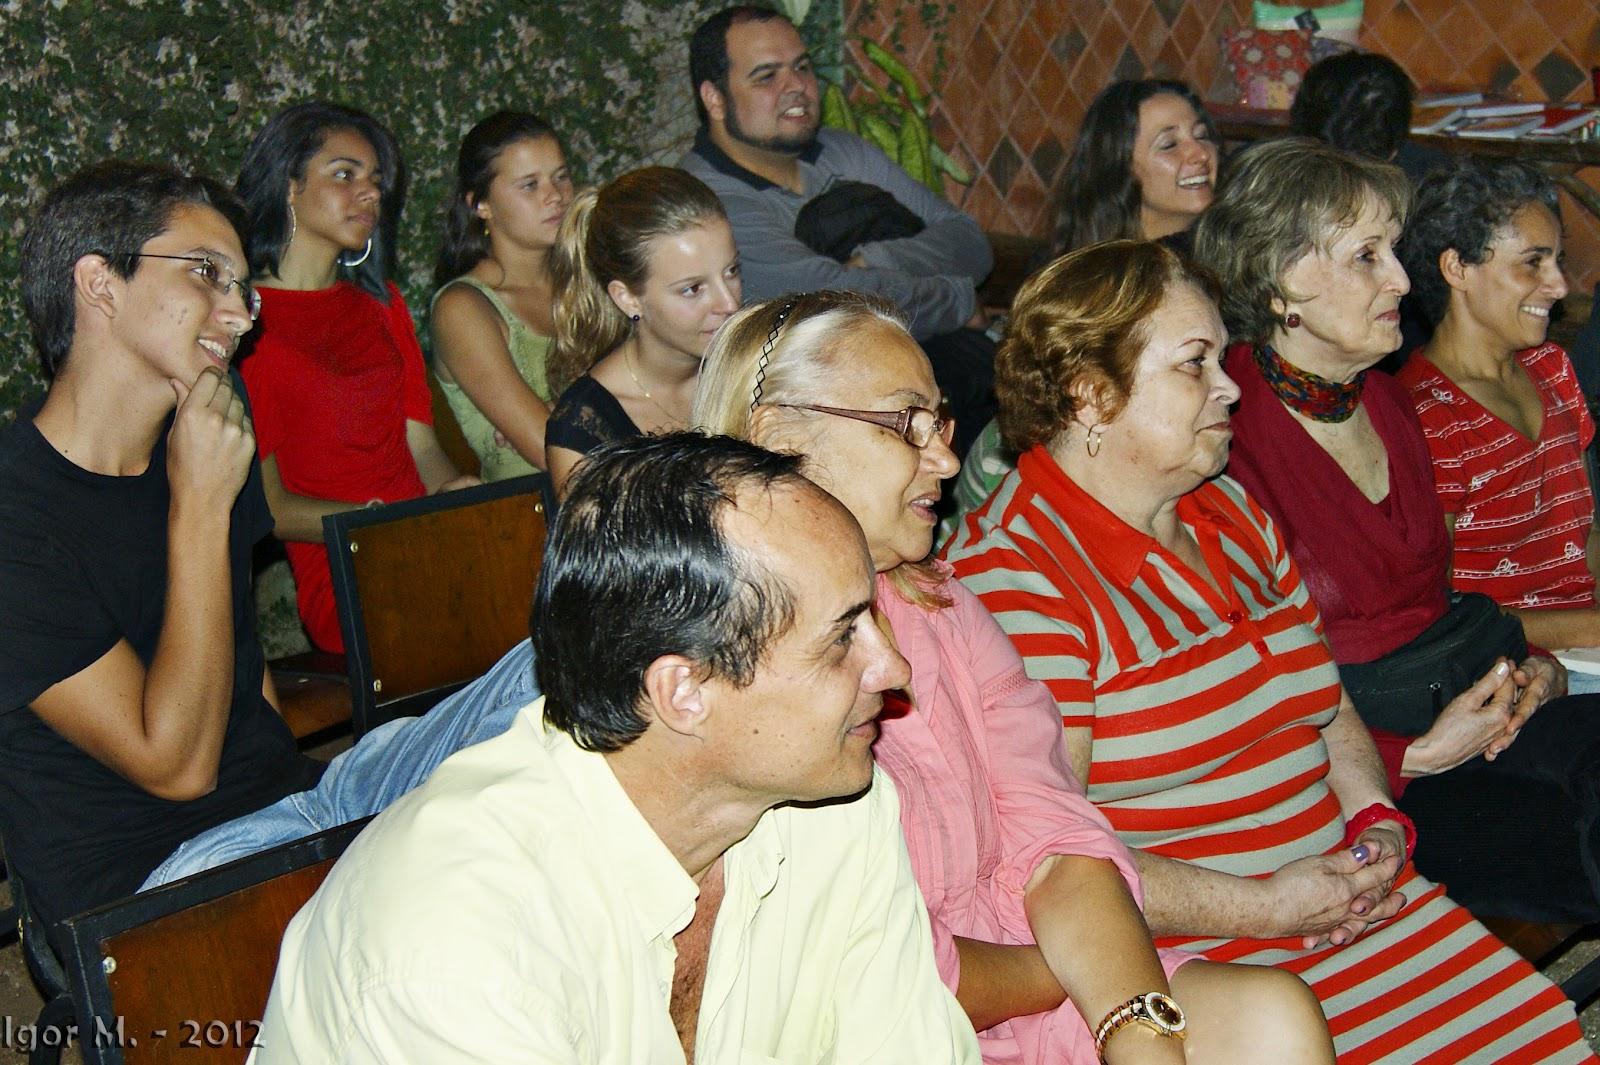 Sarau com Mano Melo e convidados no Espaço Semear. Foto: Igor M.